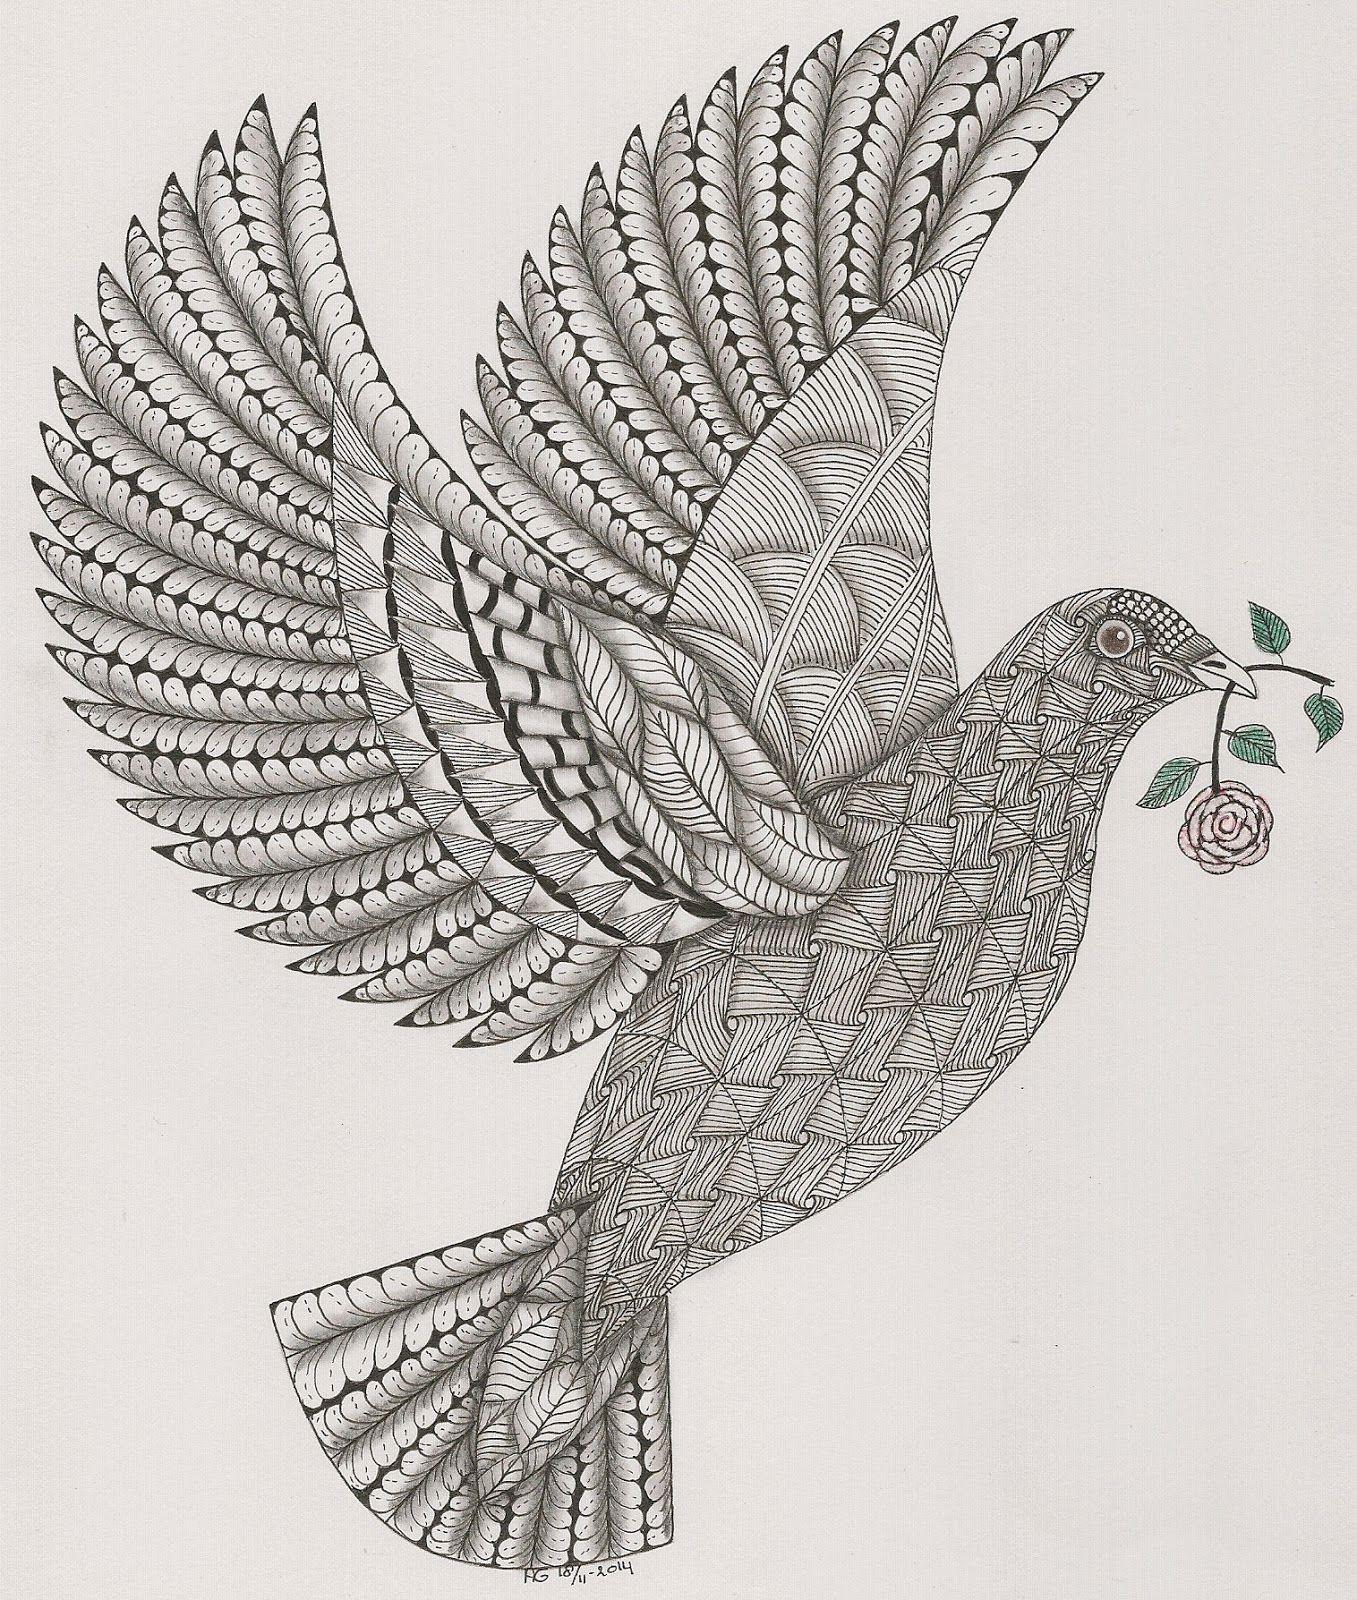 Adri Dove Zentangle Kunst 3d Tekeningen Duif